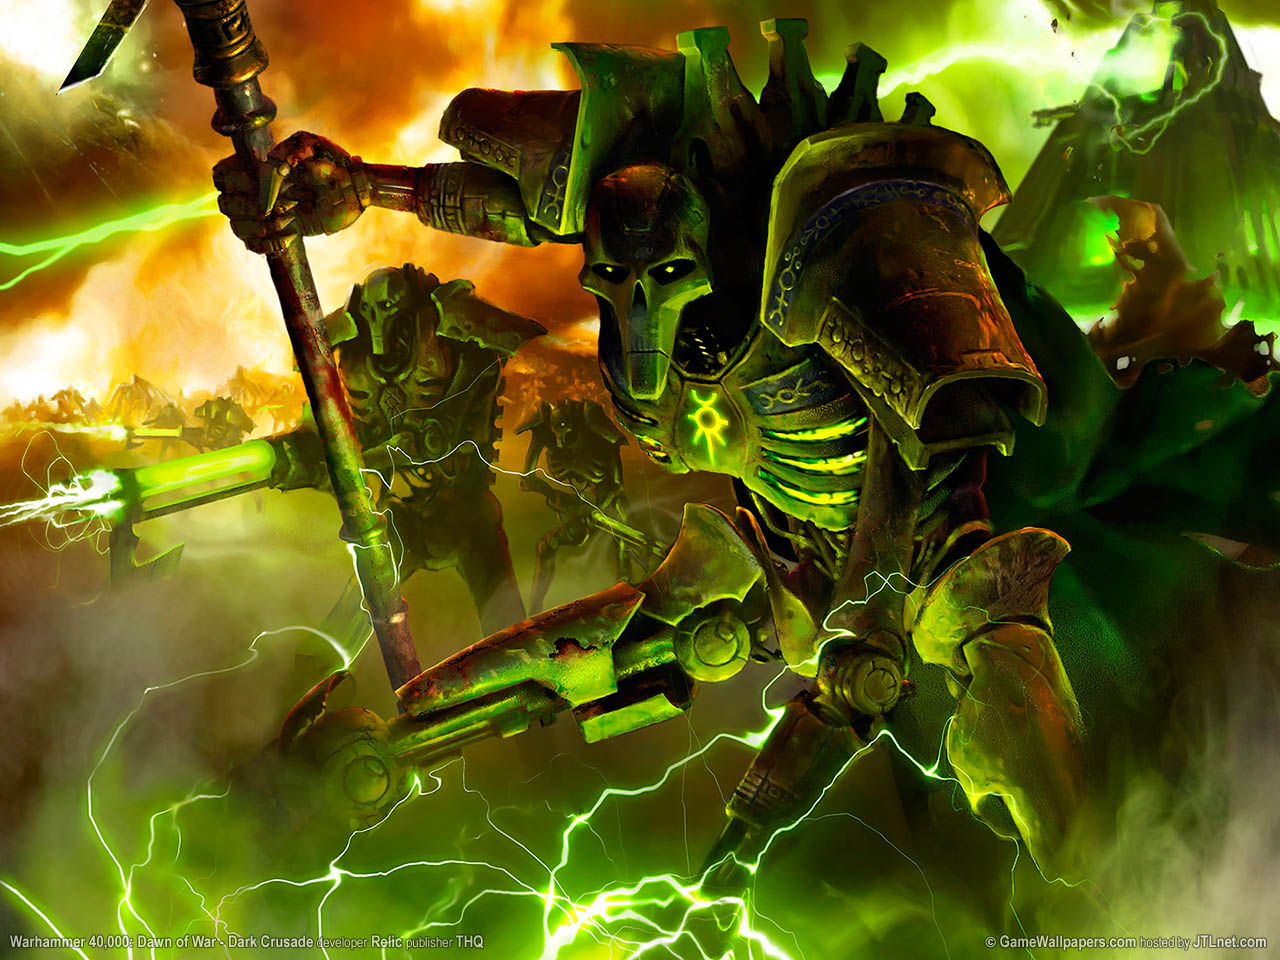 http://2.bp.blogspot.com/_md7-1kaasuY/SxCZfjX5fSI/AAAAAAAAB2o/wmssT5ehbCo/s1600/warhammer+40k4.jpg